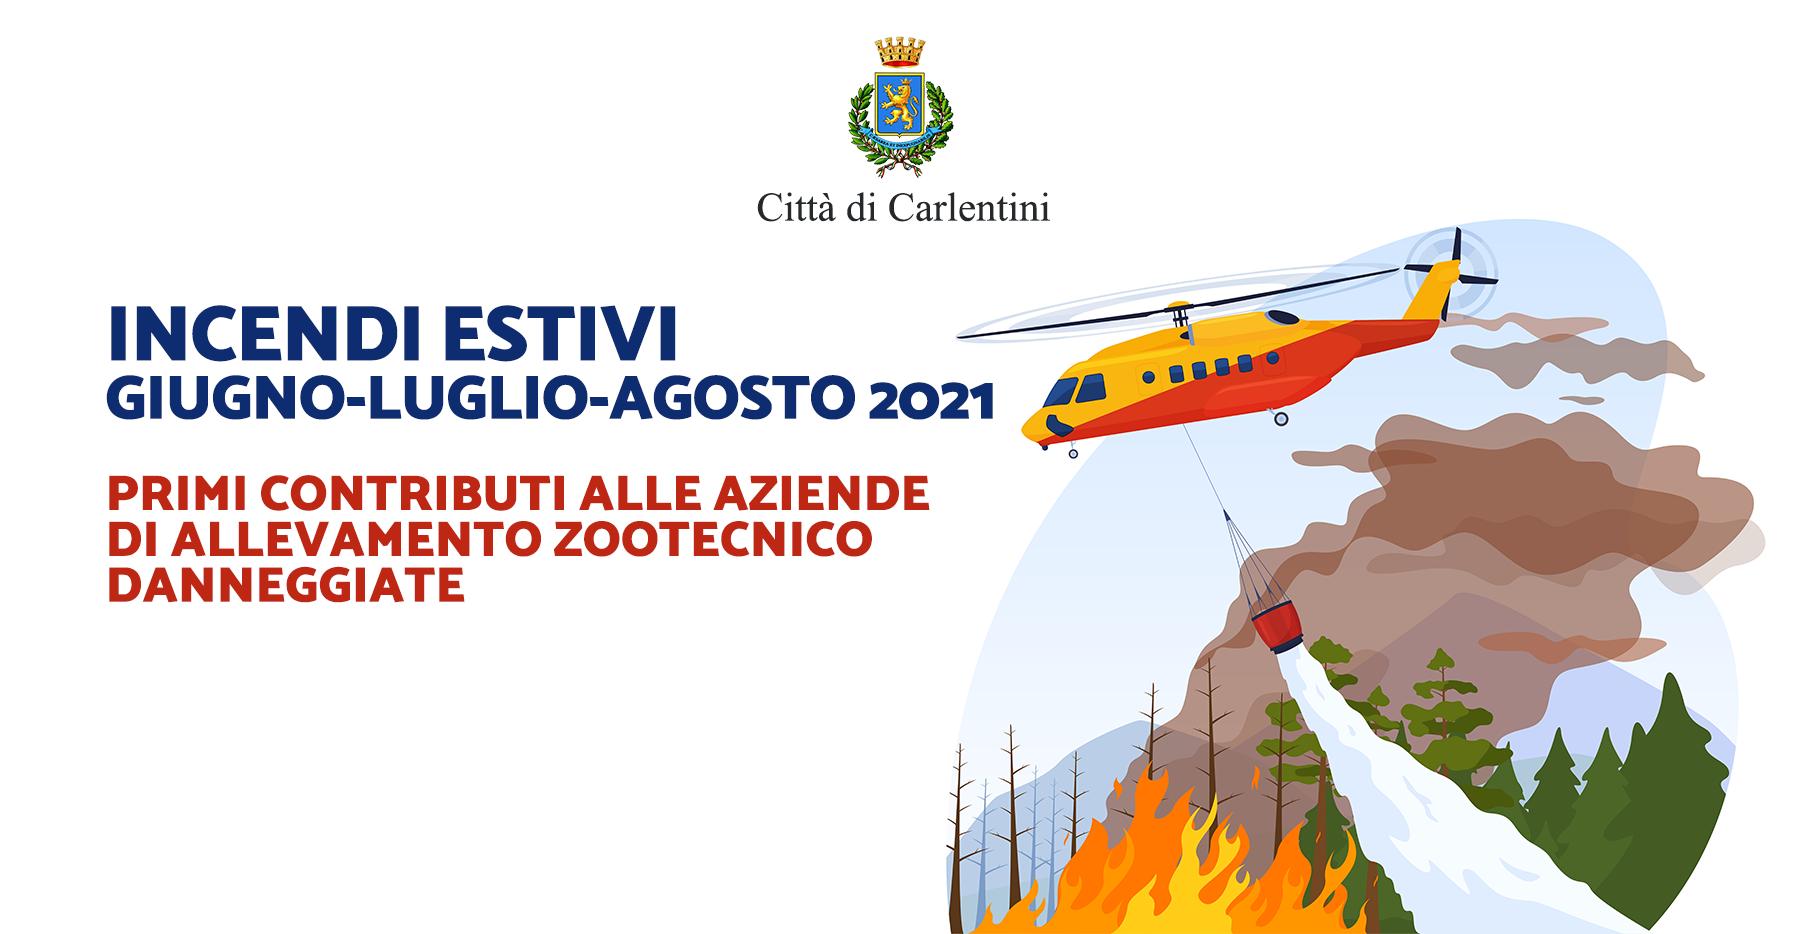 Incendi estivi mesi di giugno, luglio, agosto 2021: criteri e modalità di erogazione dei primi contributi alle aziende di allevamento zootecnico danneggiate